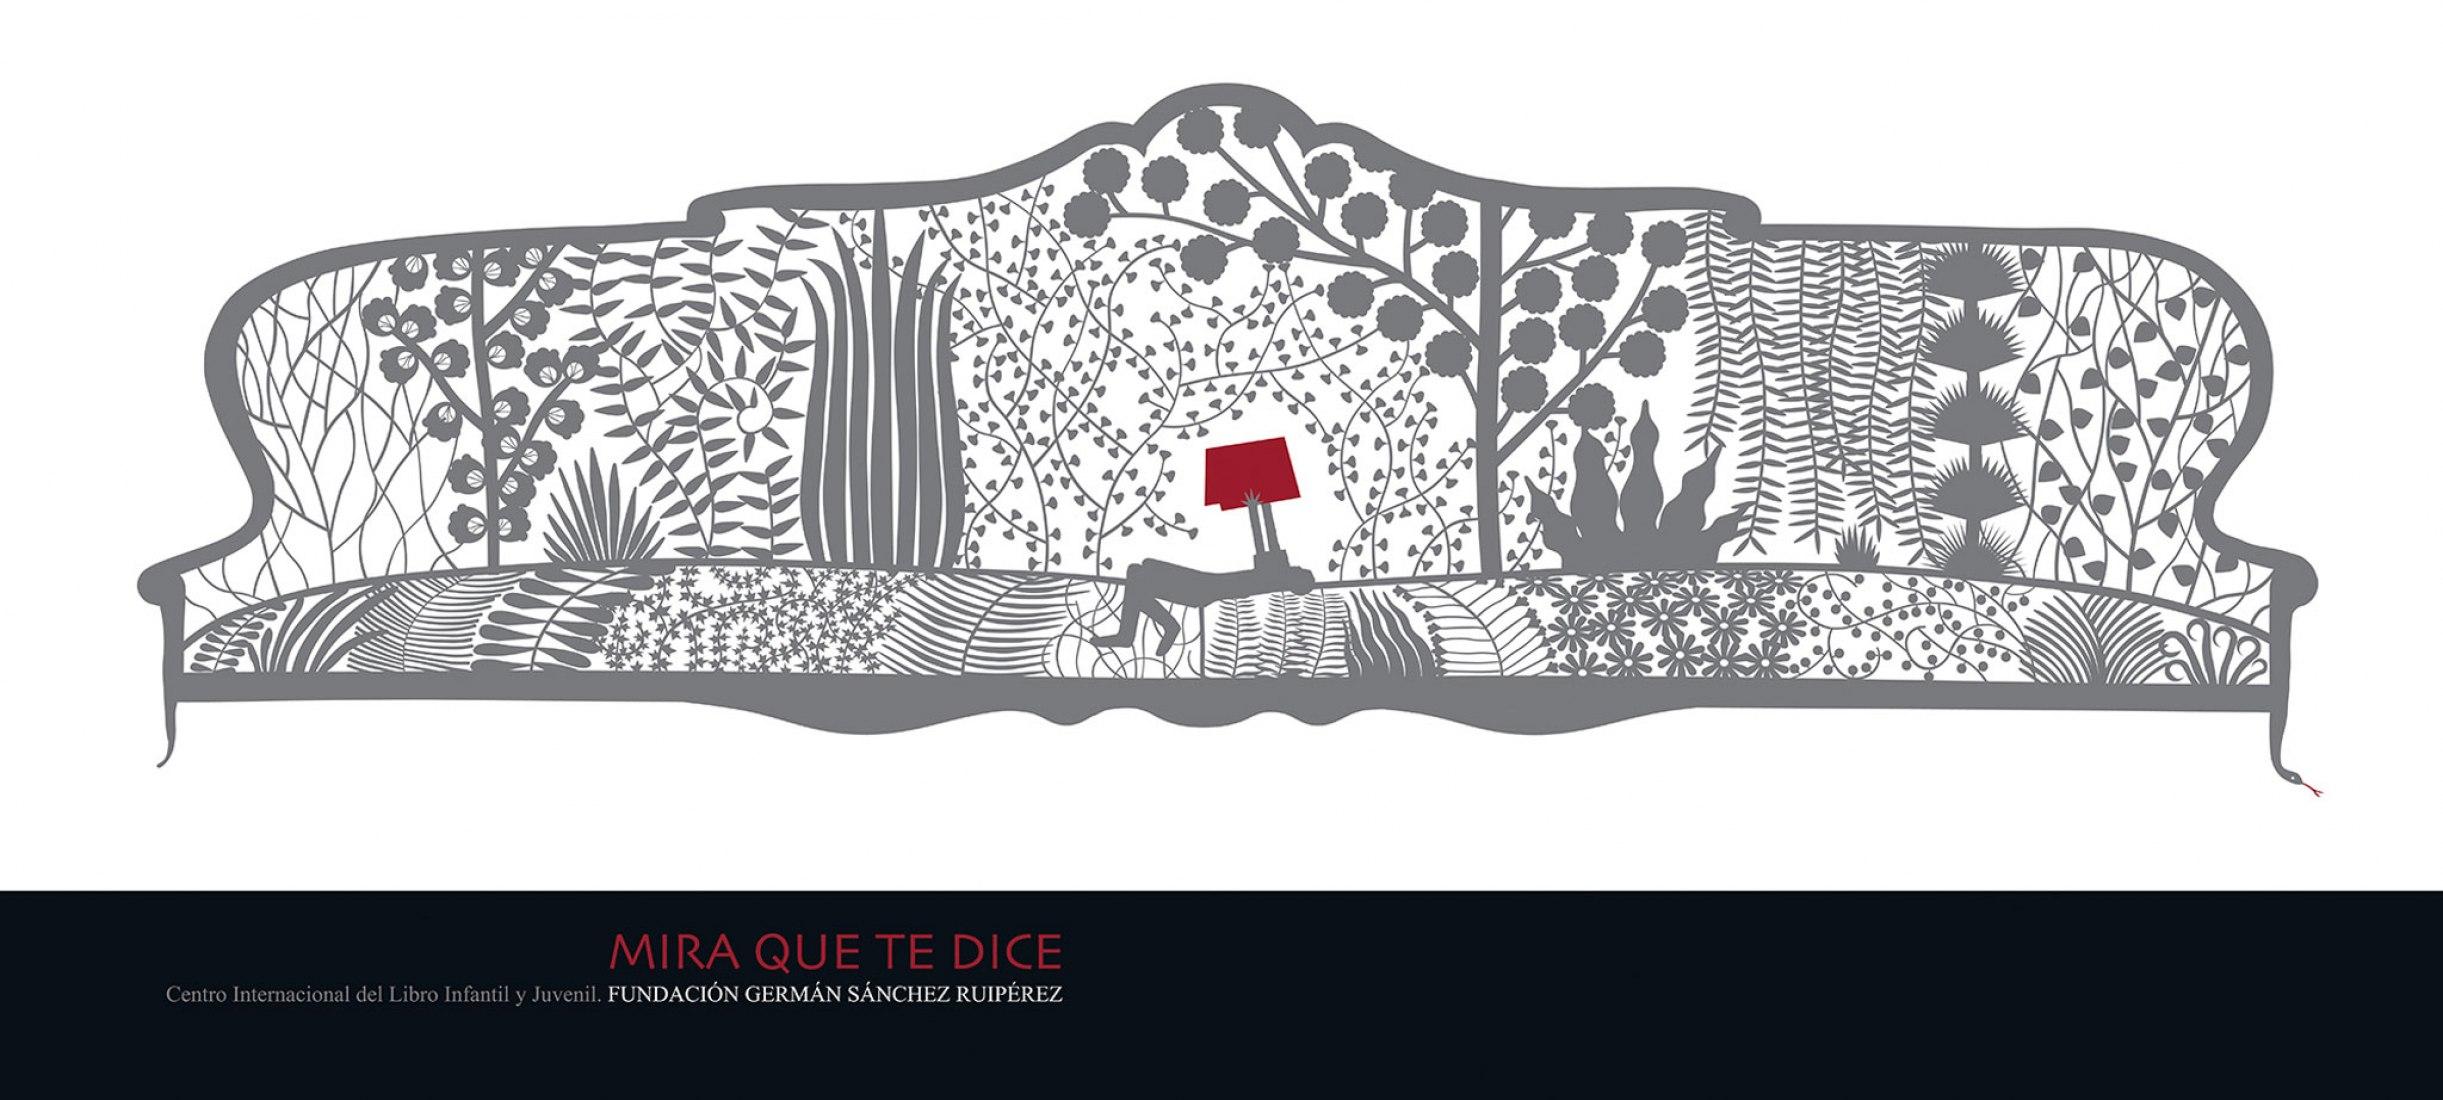 Pablo Amargo. Poster for the Fundación Germán Sánchez Ruipérez, 2009